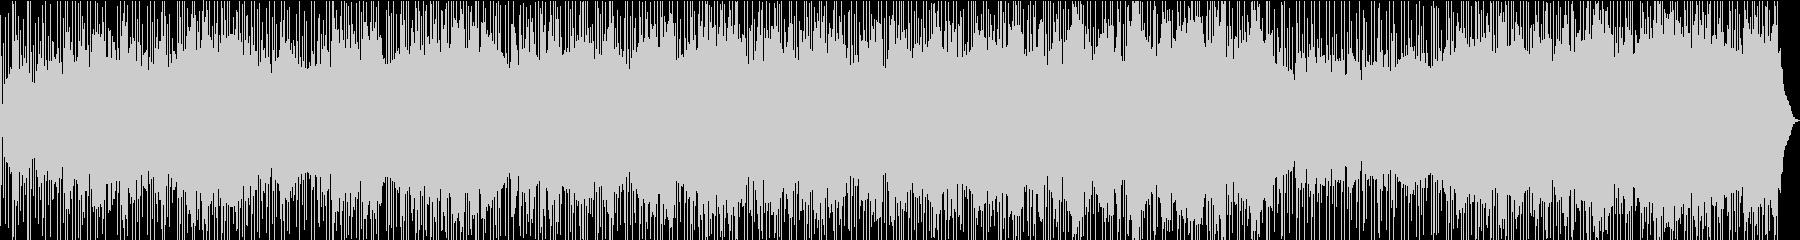 シーケンス 電子ビート01の未再生の波形